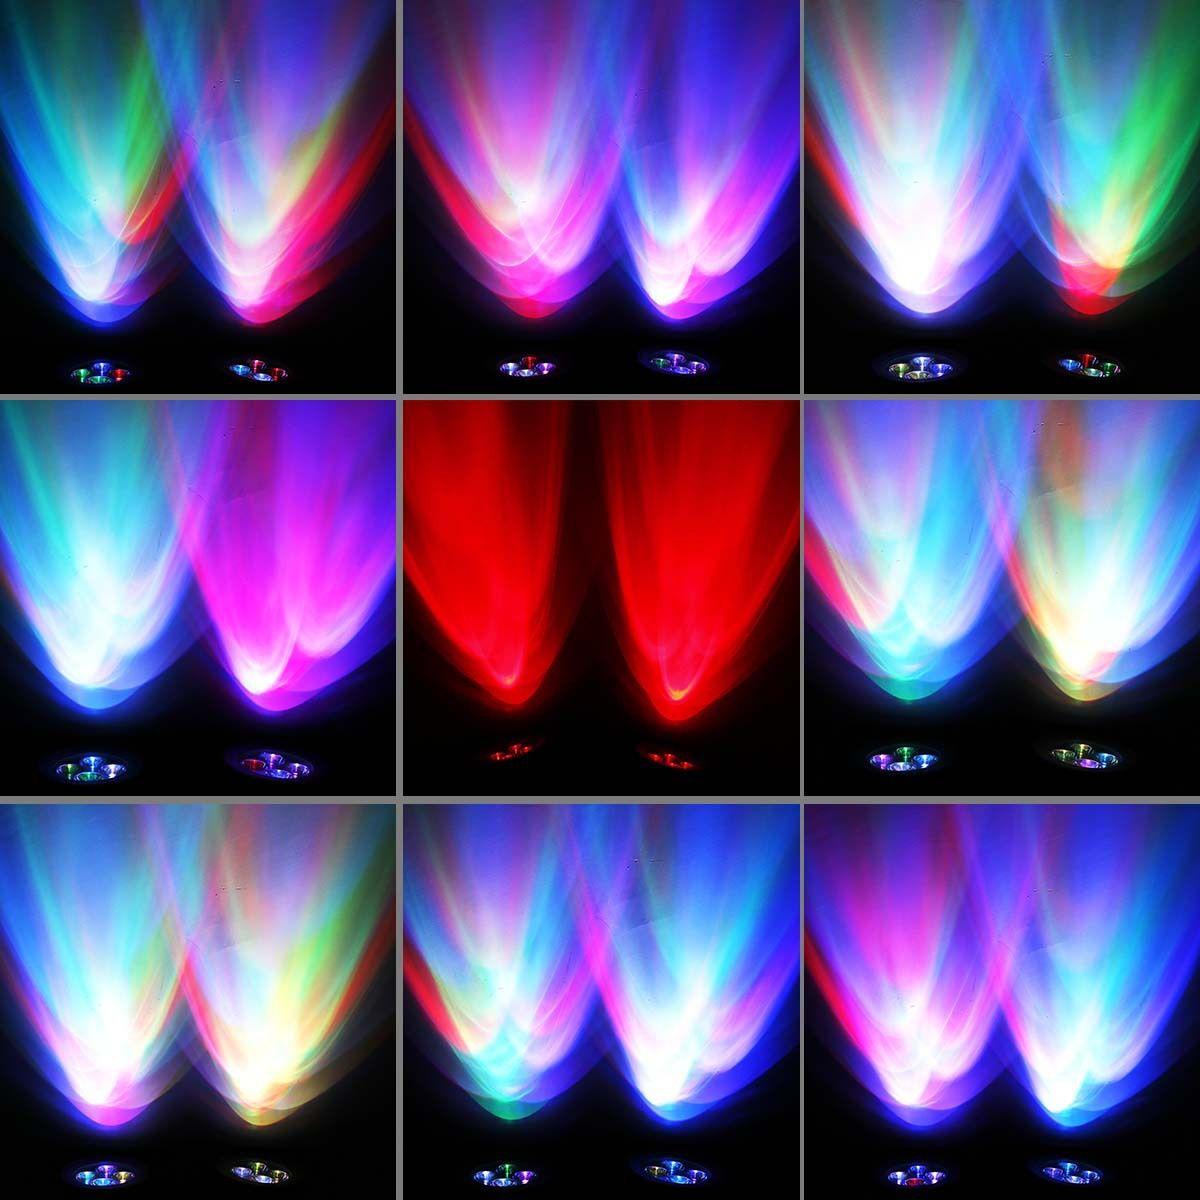 Супер яркий RGB Солнечный светодиодный прожектор на солнечных батареях 8 светодиодный прожектор водонепроницаемый Солнечный светильник 2 свет обновление версии 360° угол регулируемый